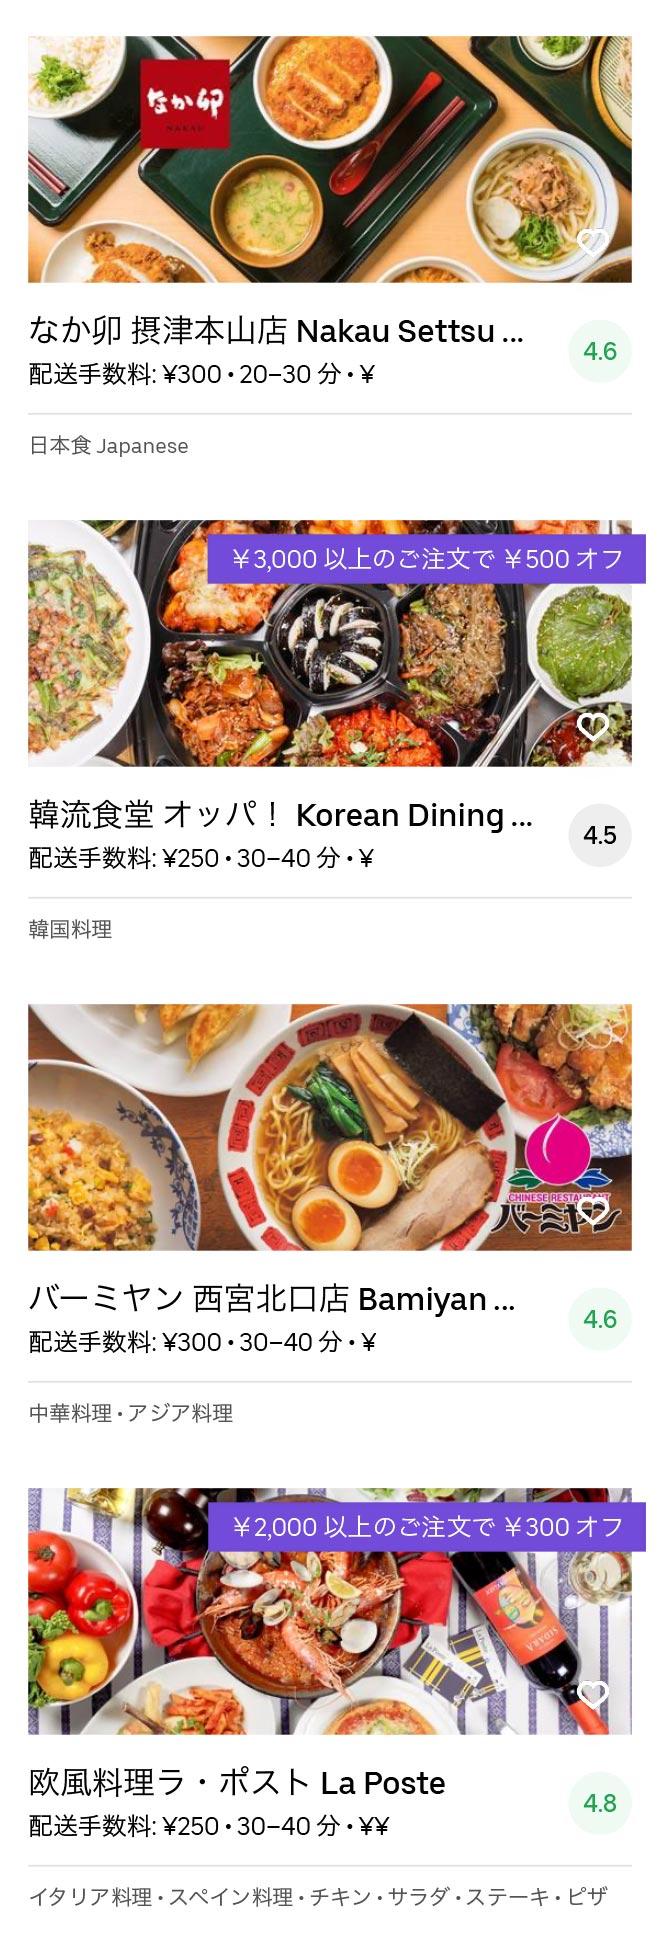 Hyogo ashiya menu 2005 05